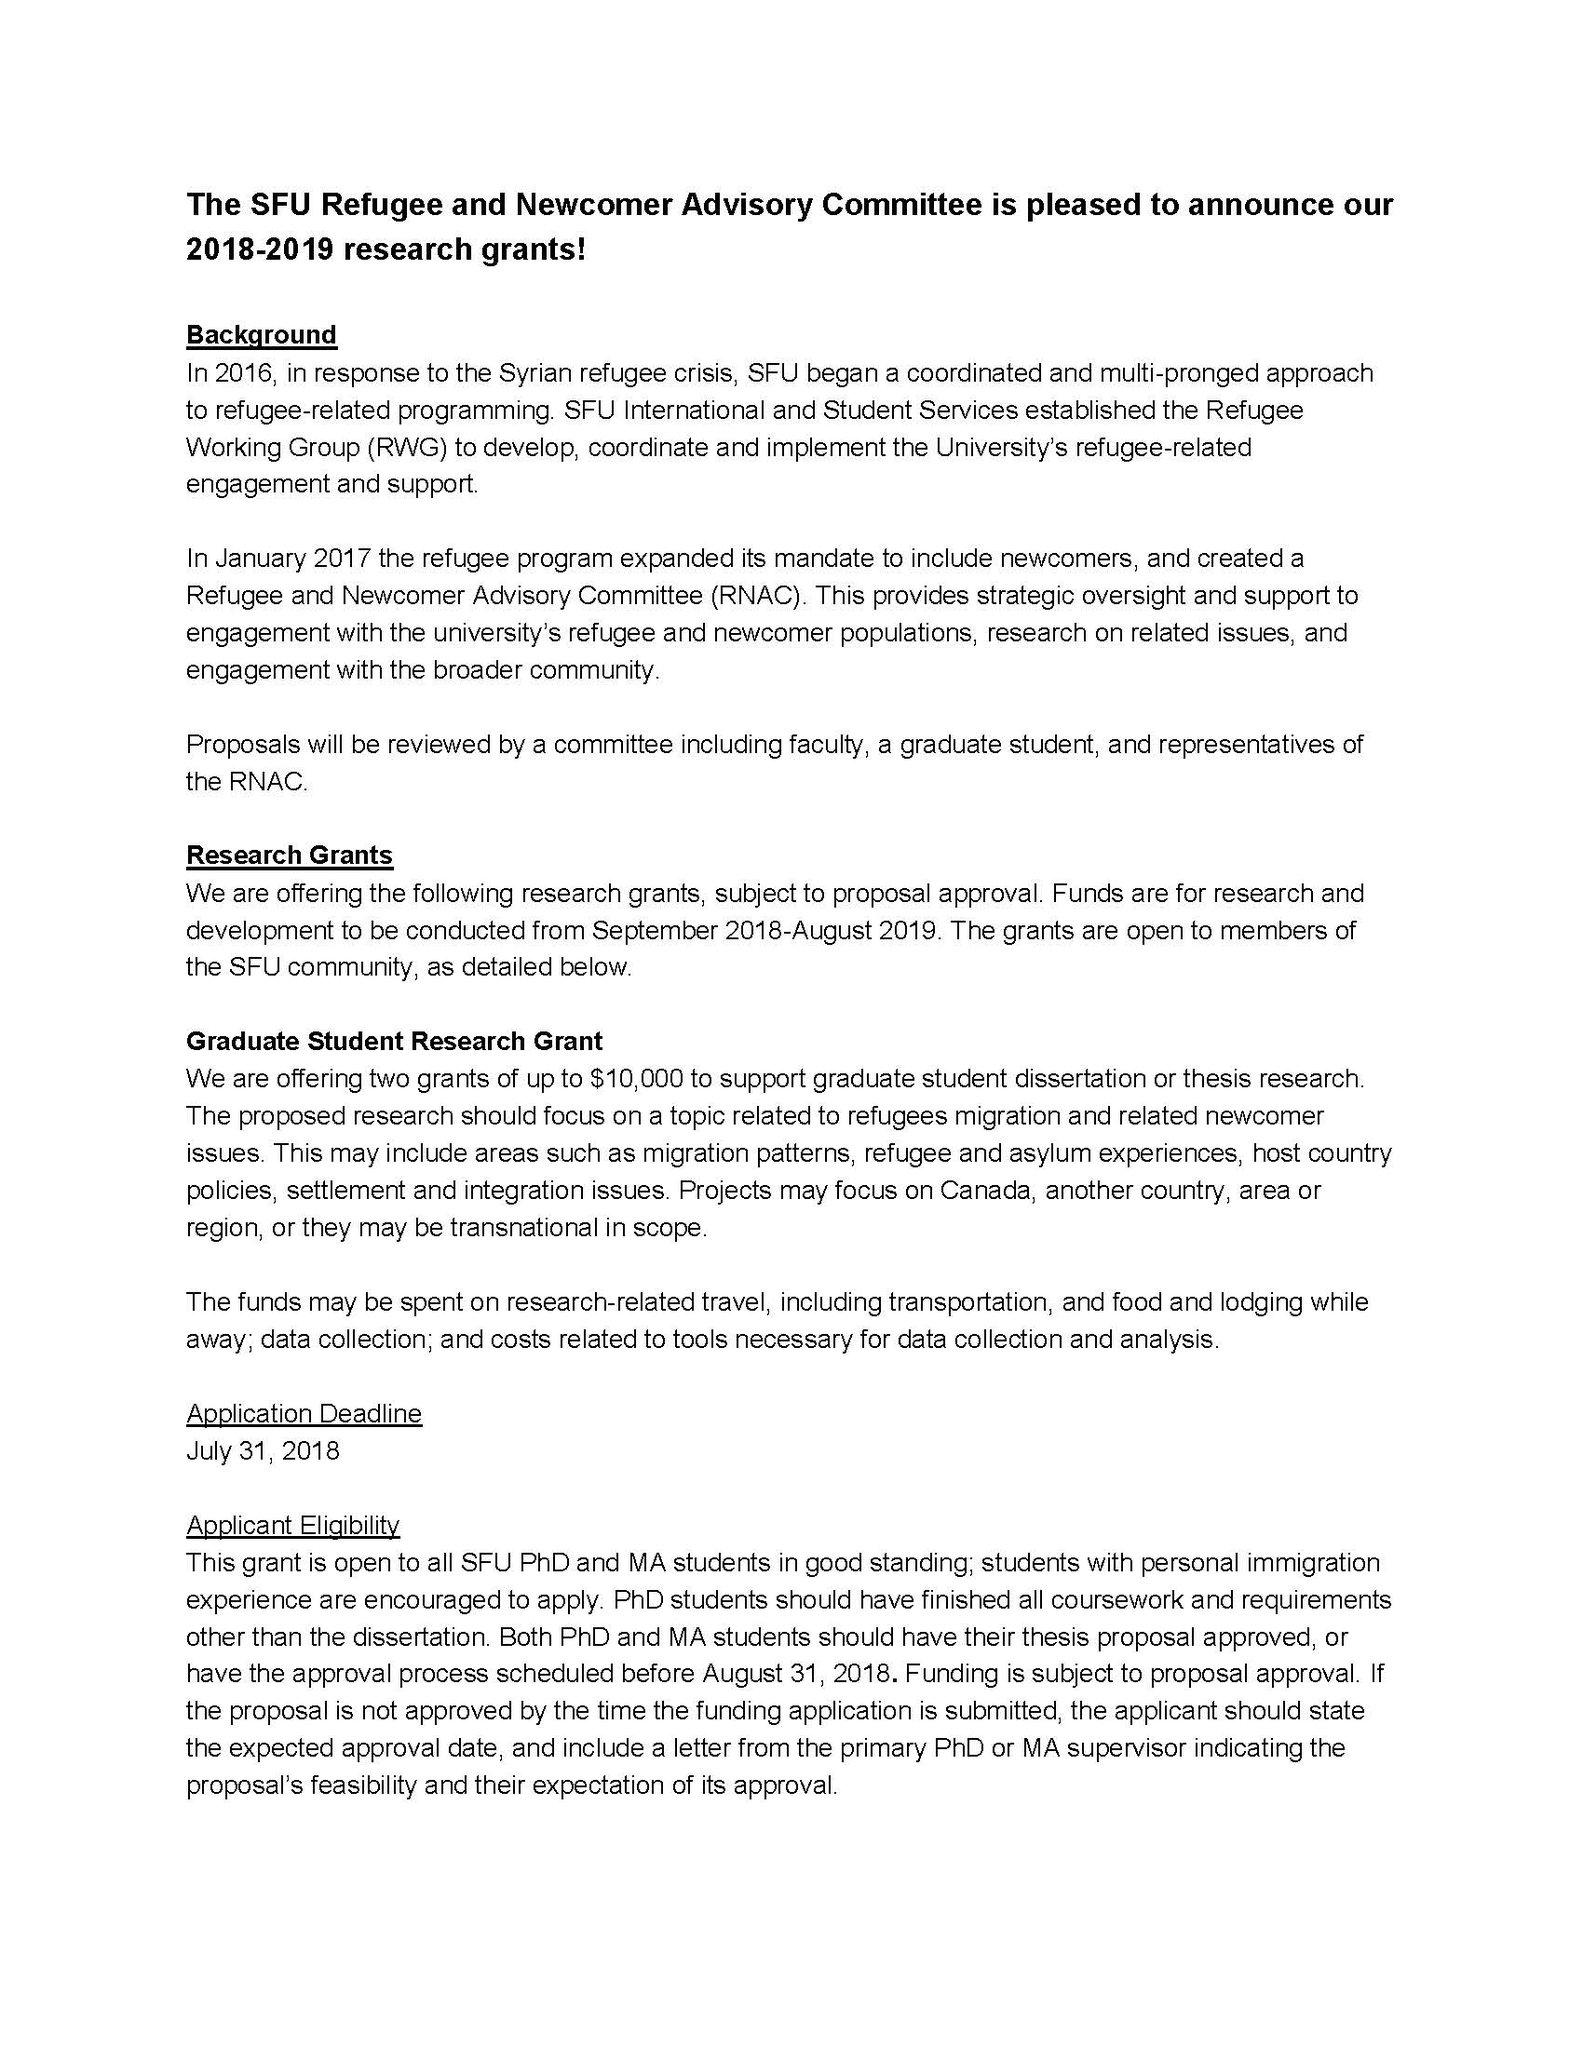 Essaytyper legitimate site services job hiring